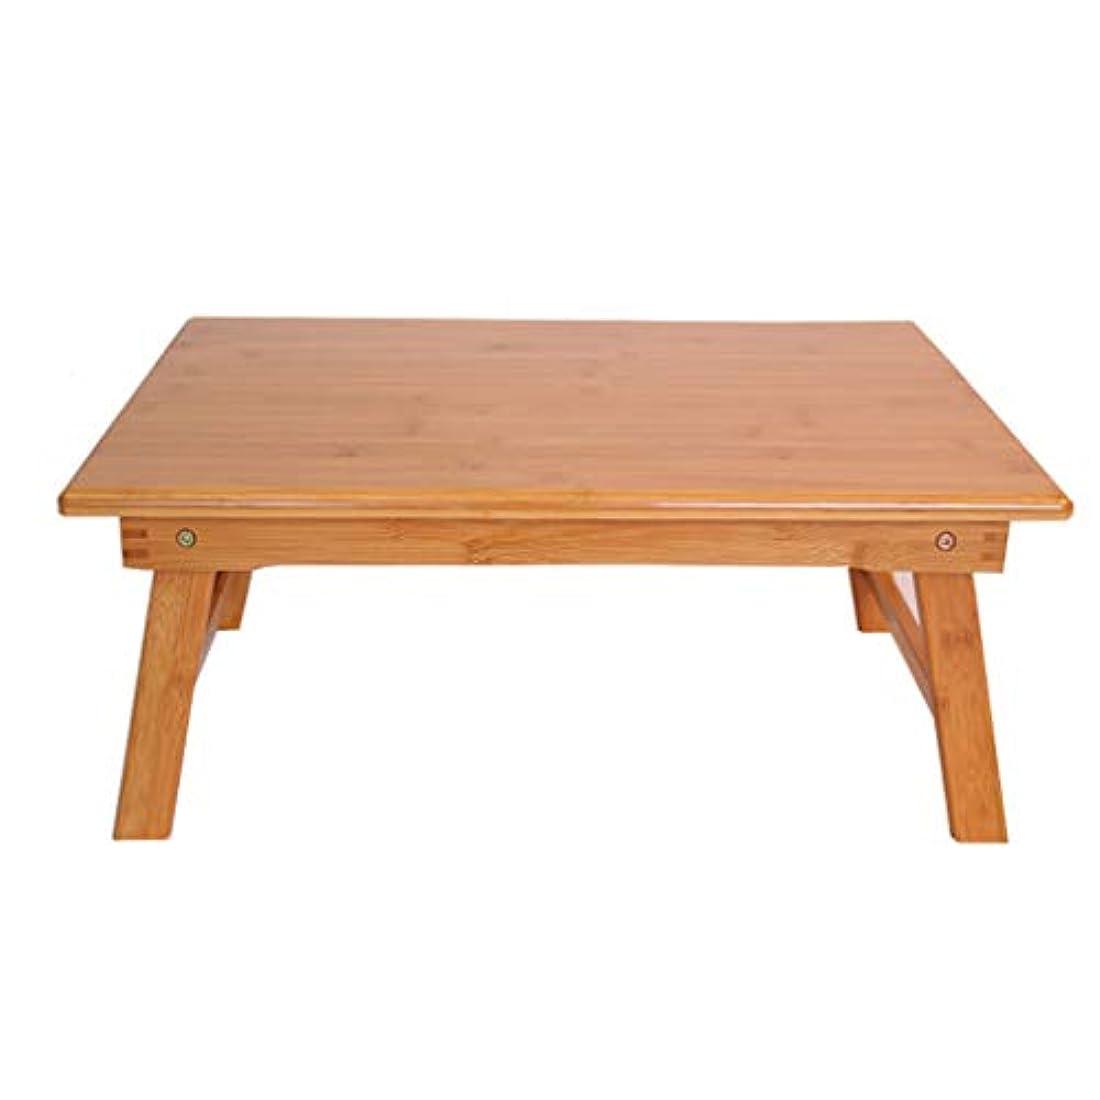 マラウイ受信機ウィザードFRF 折りたたみ式テーブル- 竹折り畳みラップトップデスク、家庭用寮コンピュータデスクスタディテーブル (色 : 木の色, サイズ さいず : 60x40x25cm)